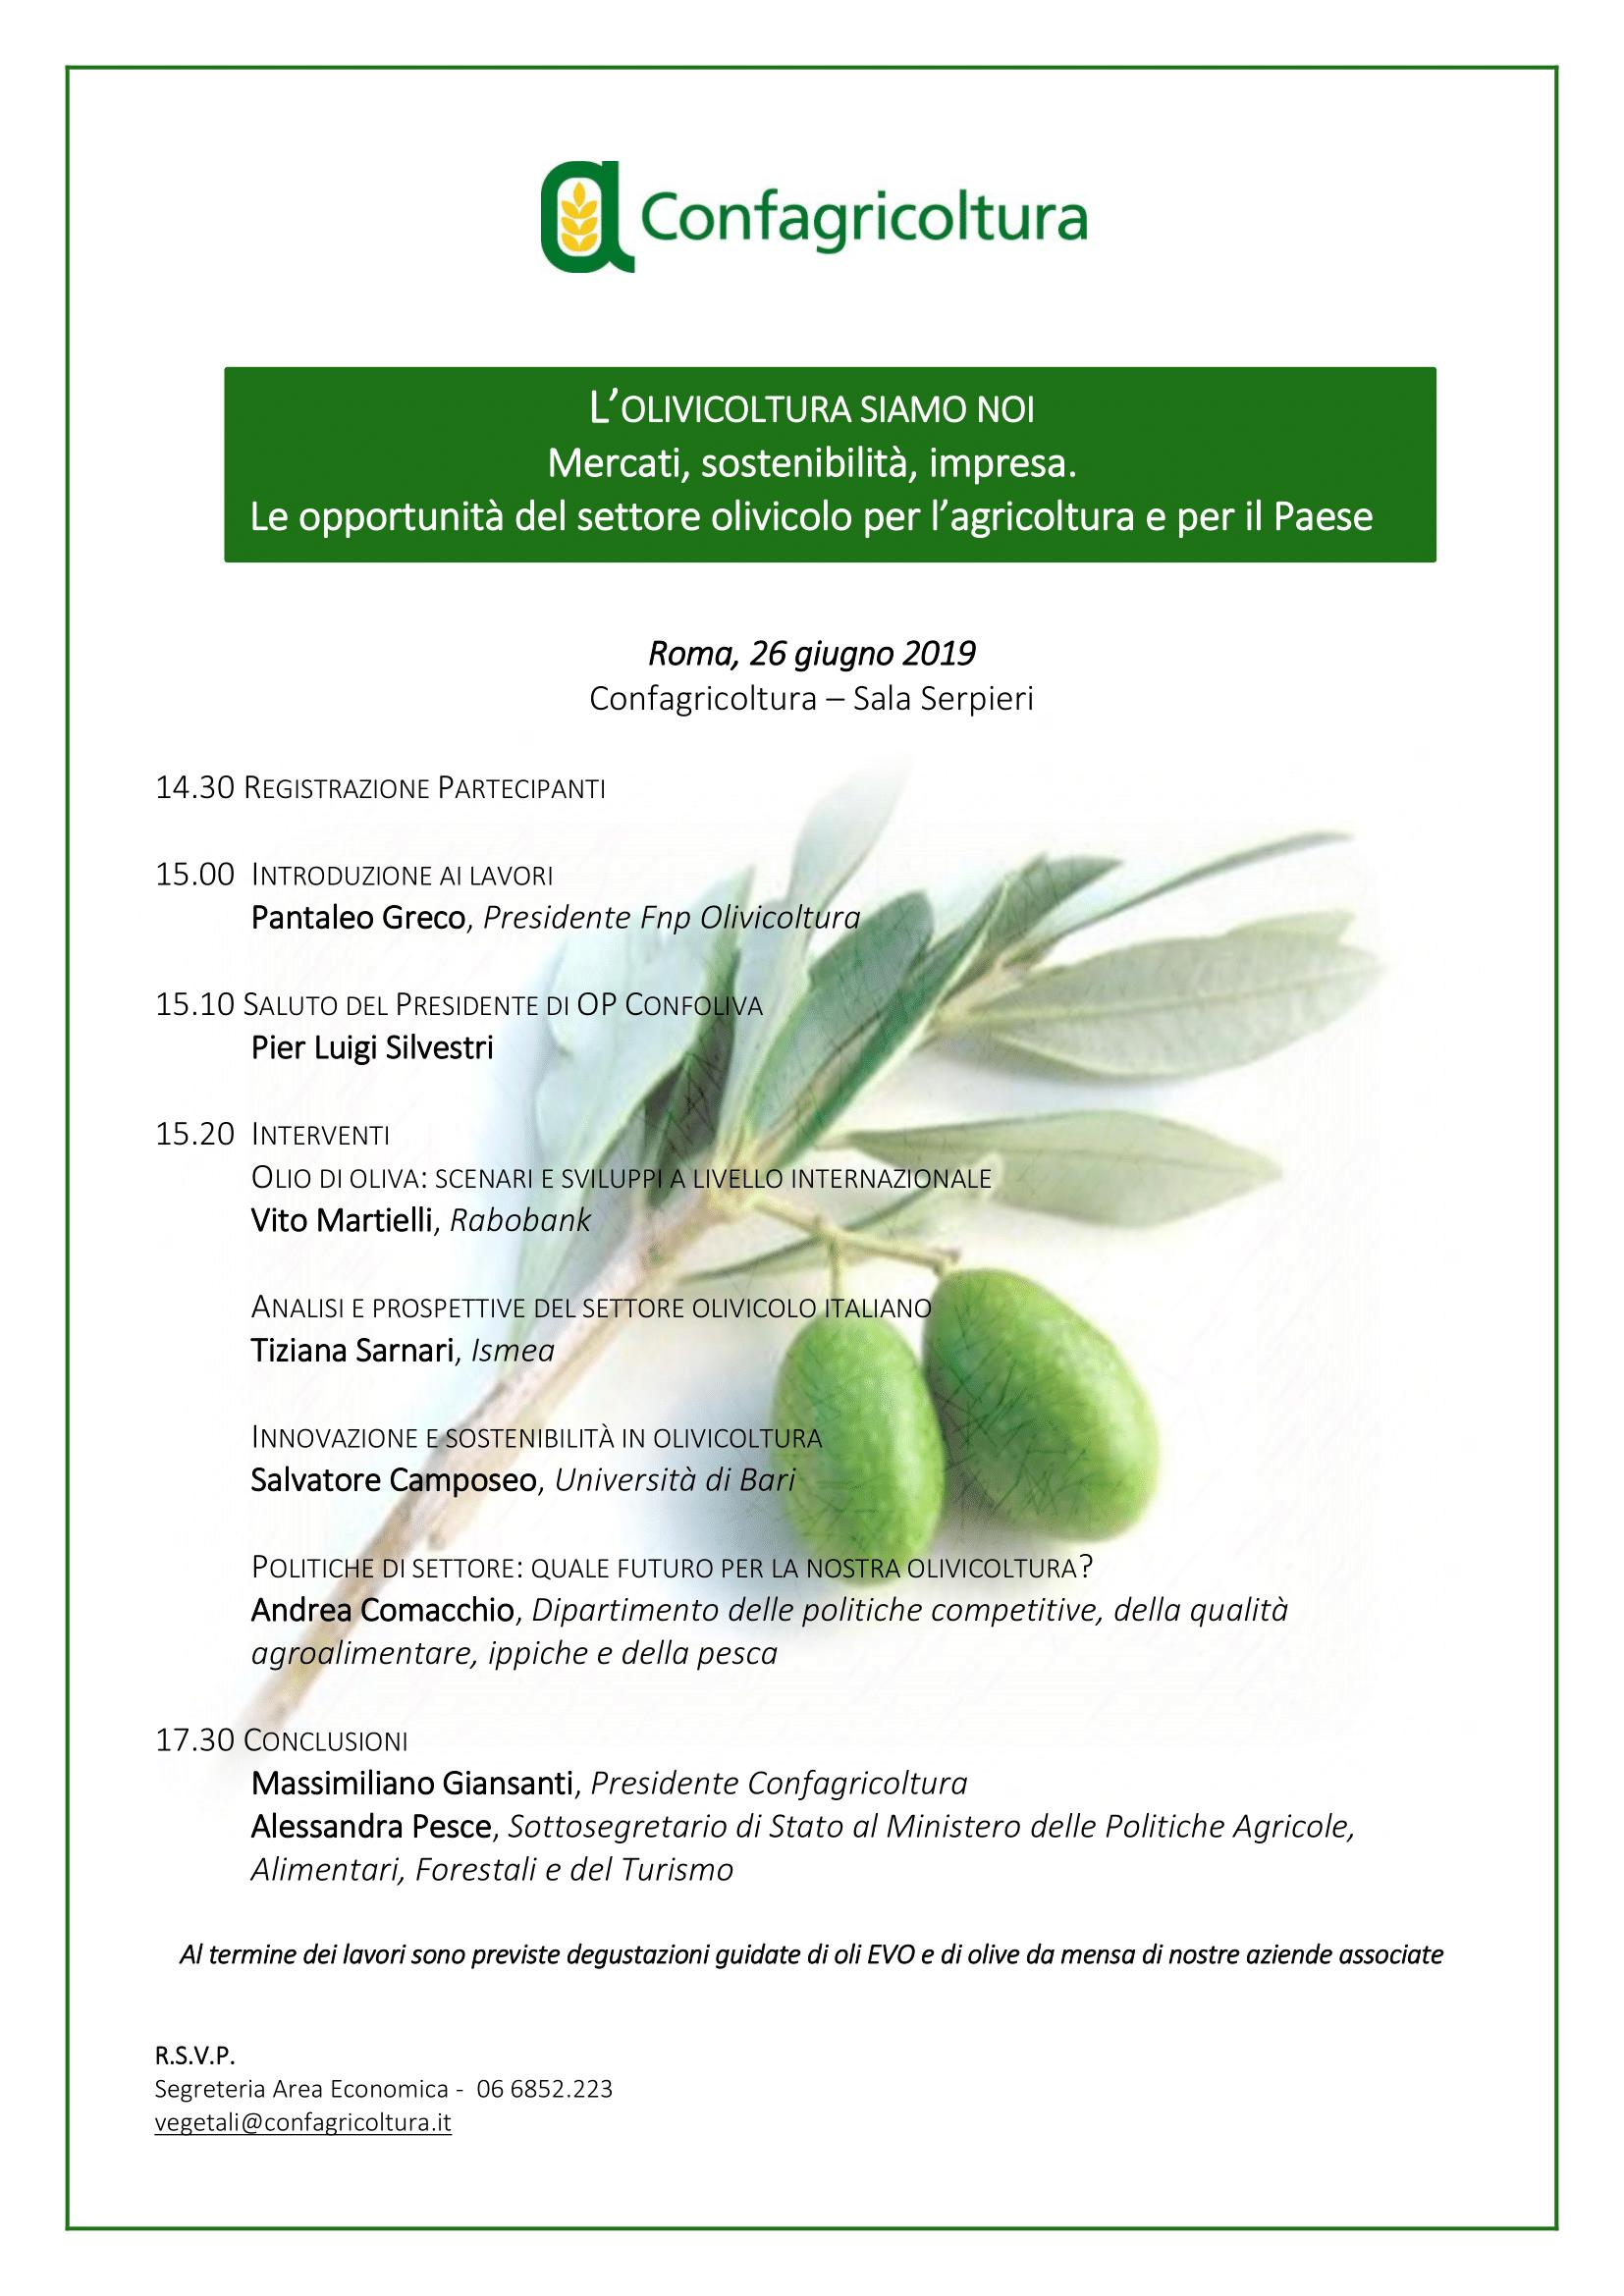 Invito Convegno Olivicoltura_26 giugno 2019-1png